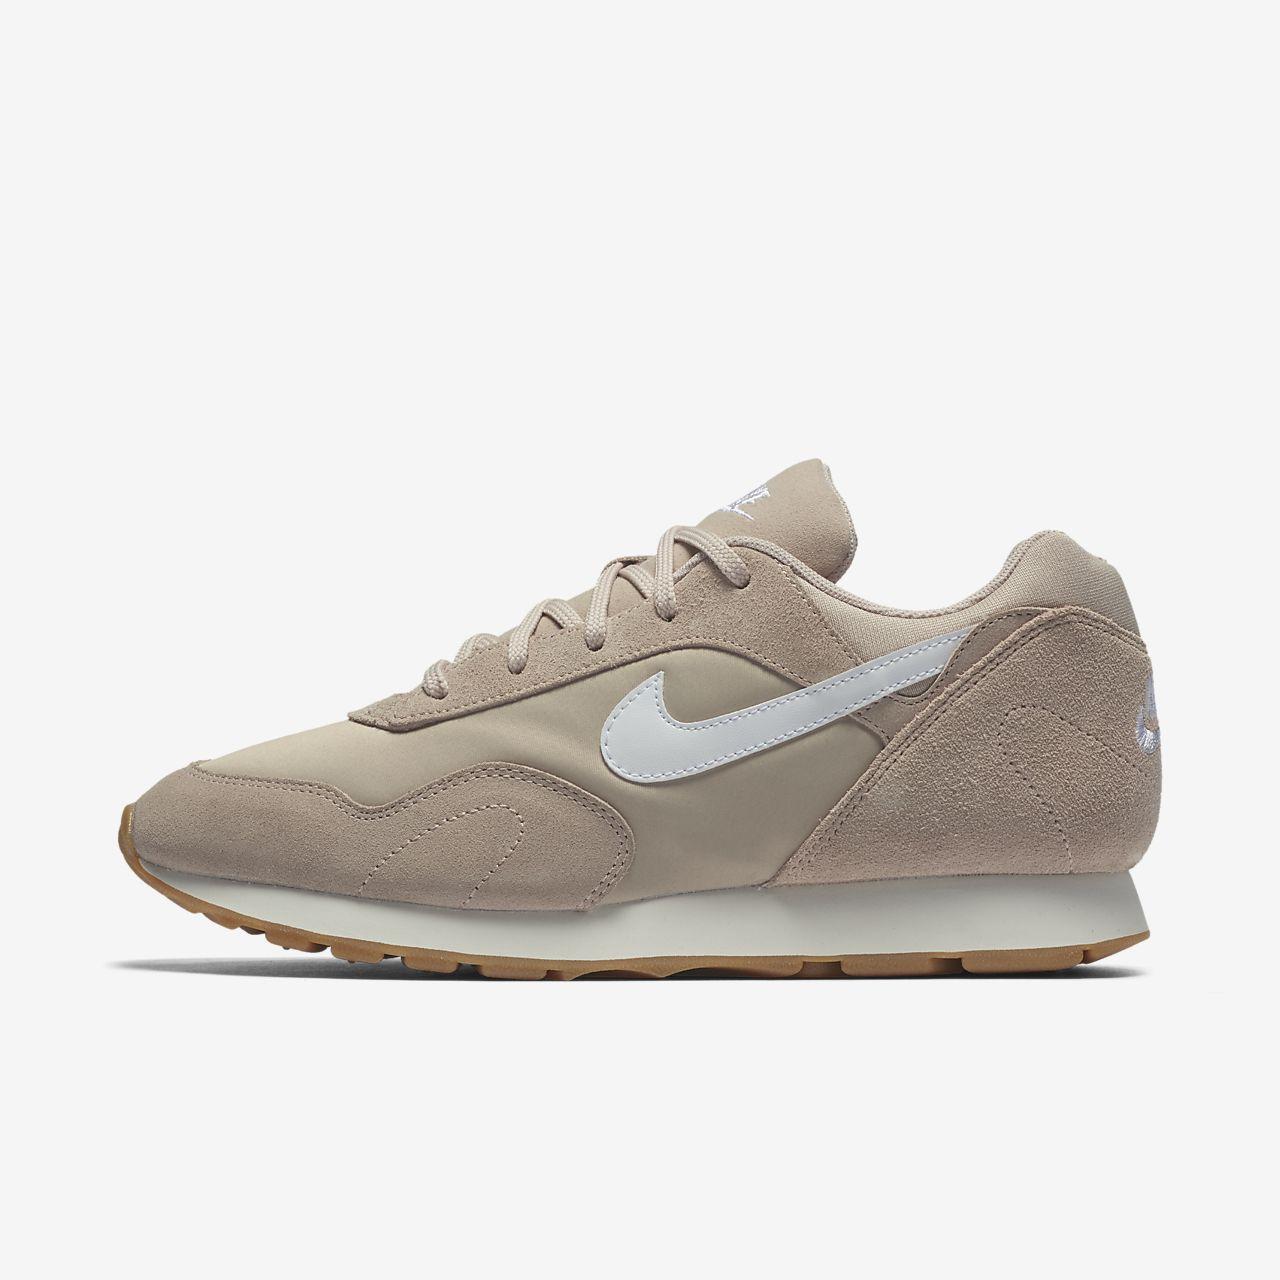 quality design 78a88 b2996 Nike Outburst Women s Shoe. Nike.com NL